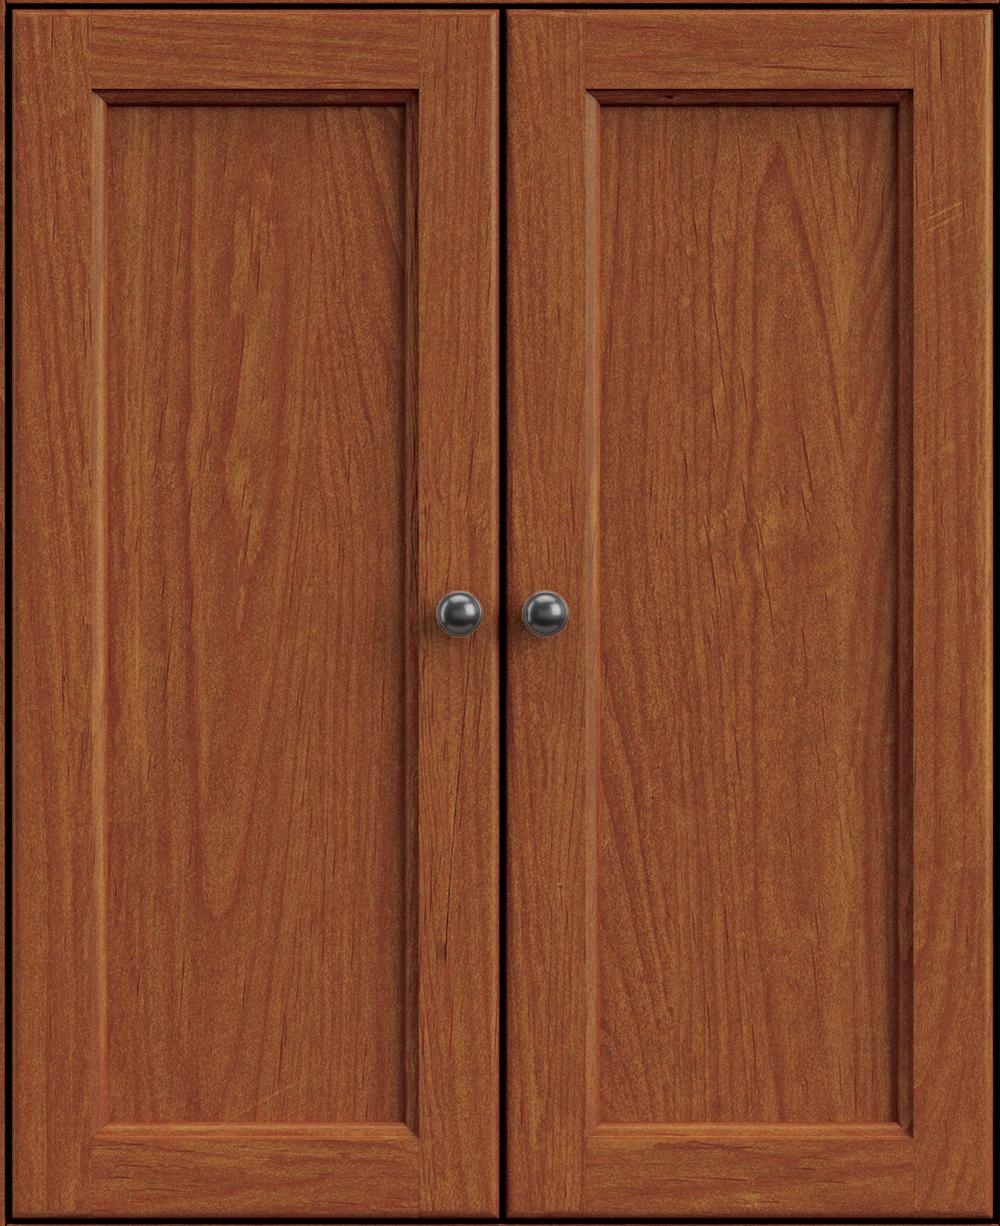 Whittier Wood Furniture - Alder Cabinet